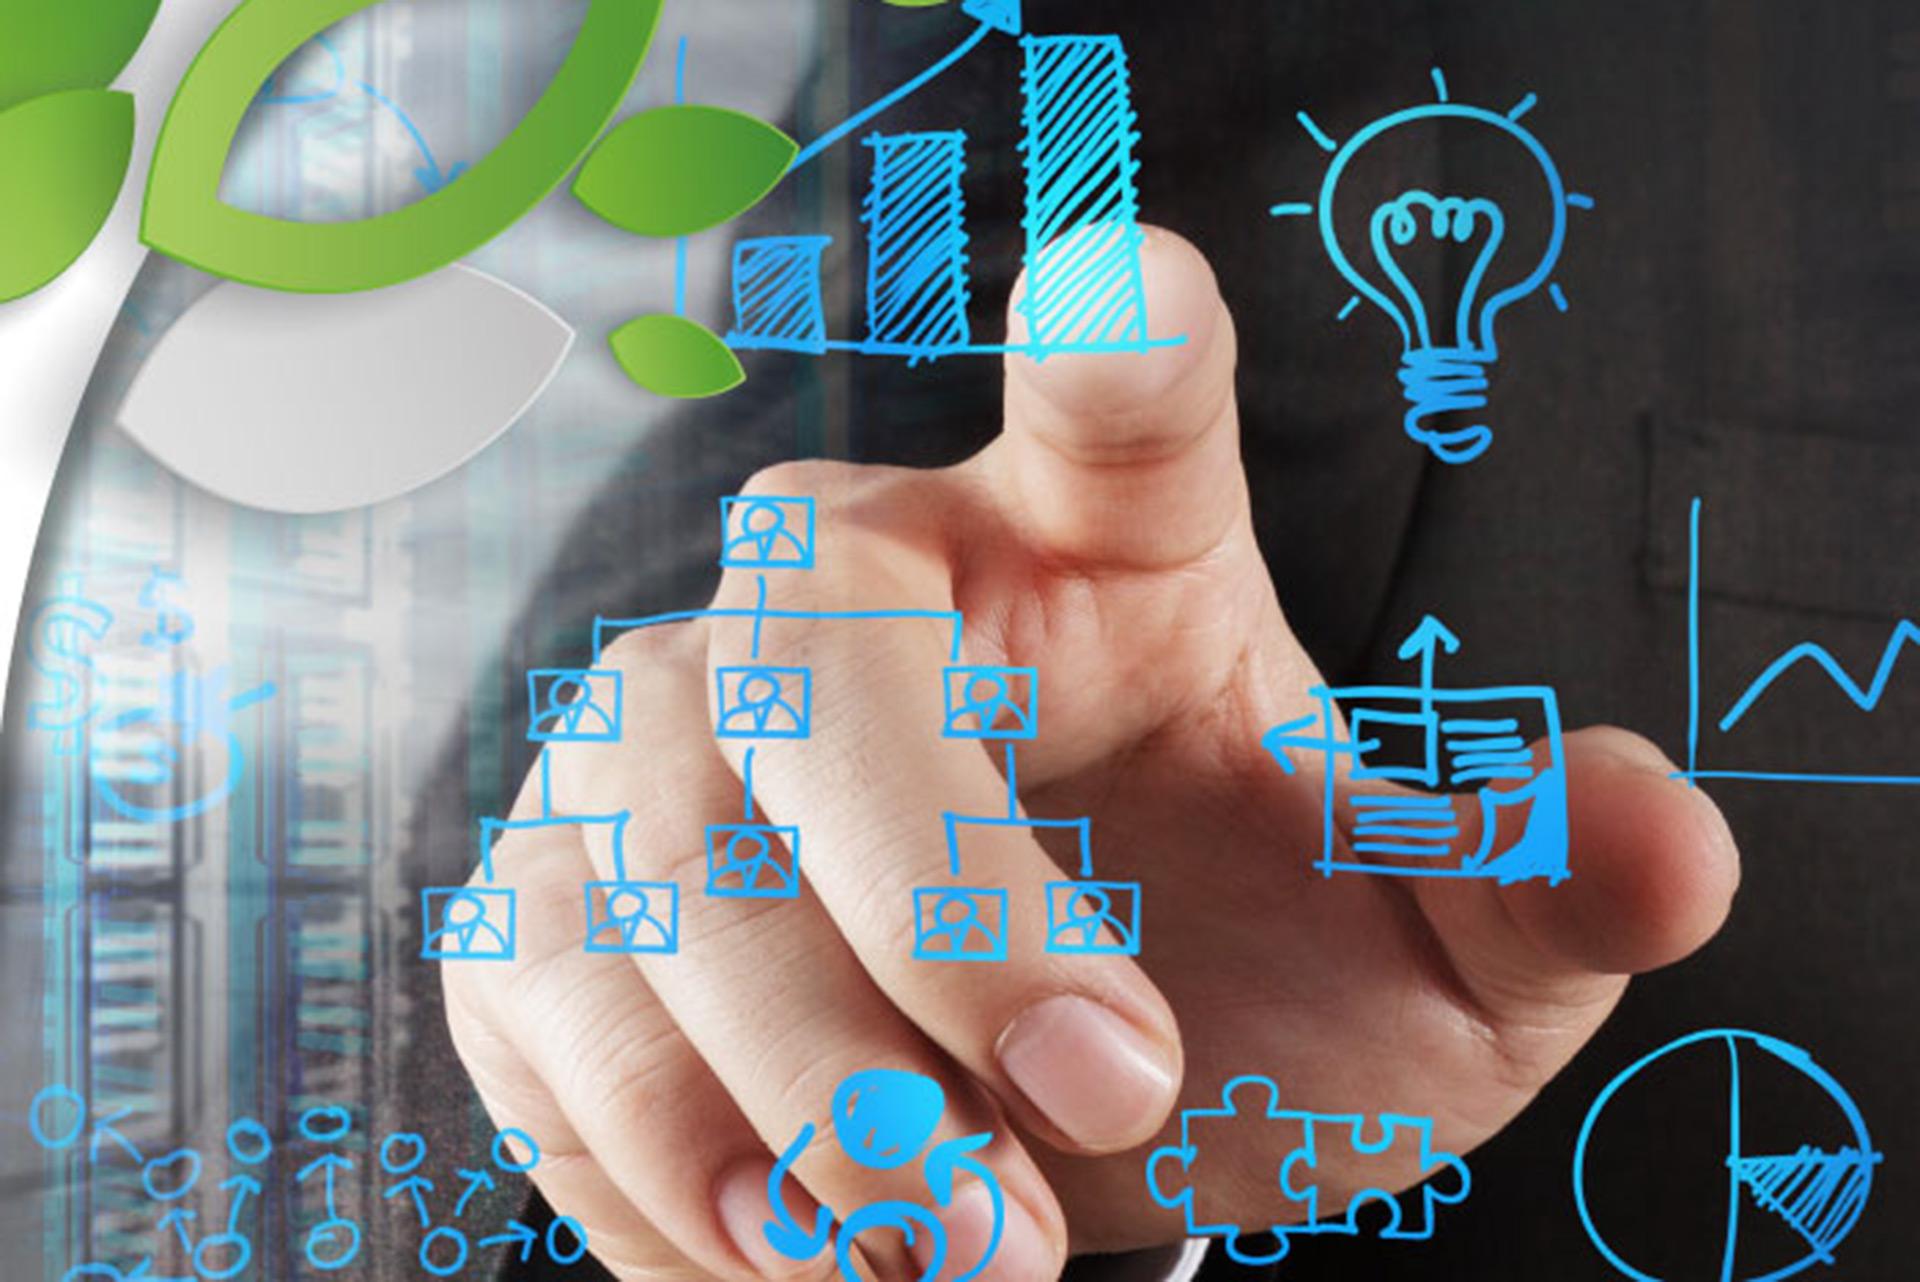 BPO - Outsourcing dos Processos Documentais e negócios